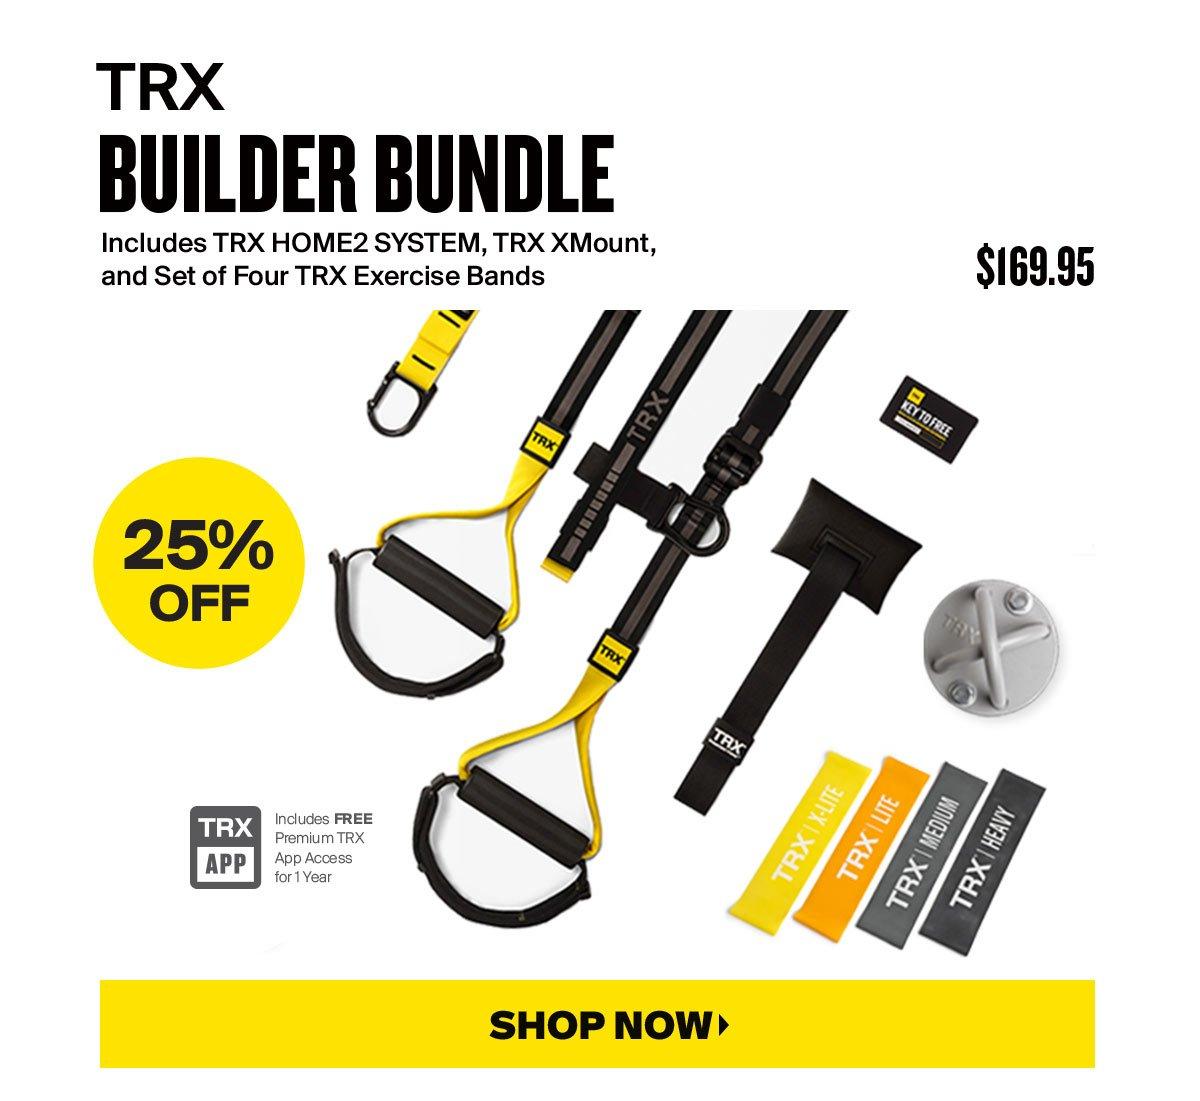 25% OFF TRX BUILDER BUNDLE | $169.95 | SHOP NOW >